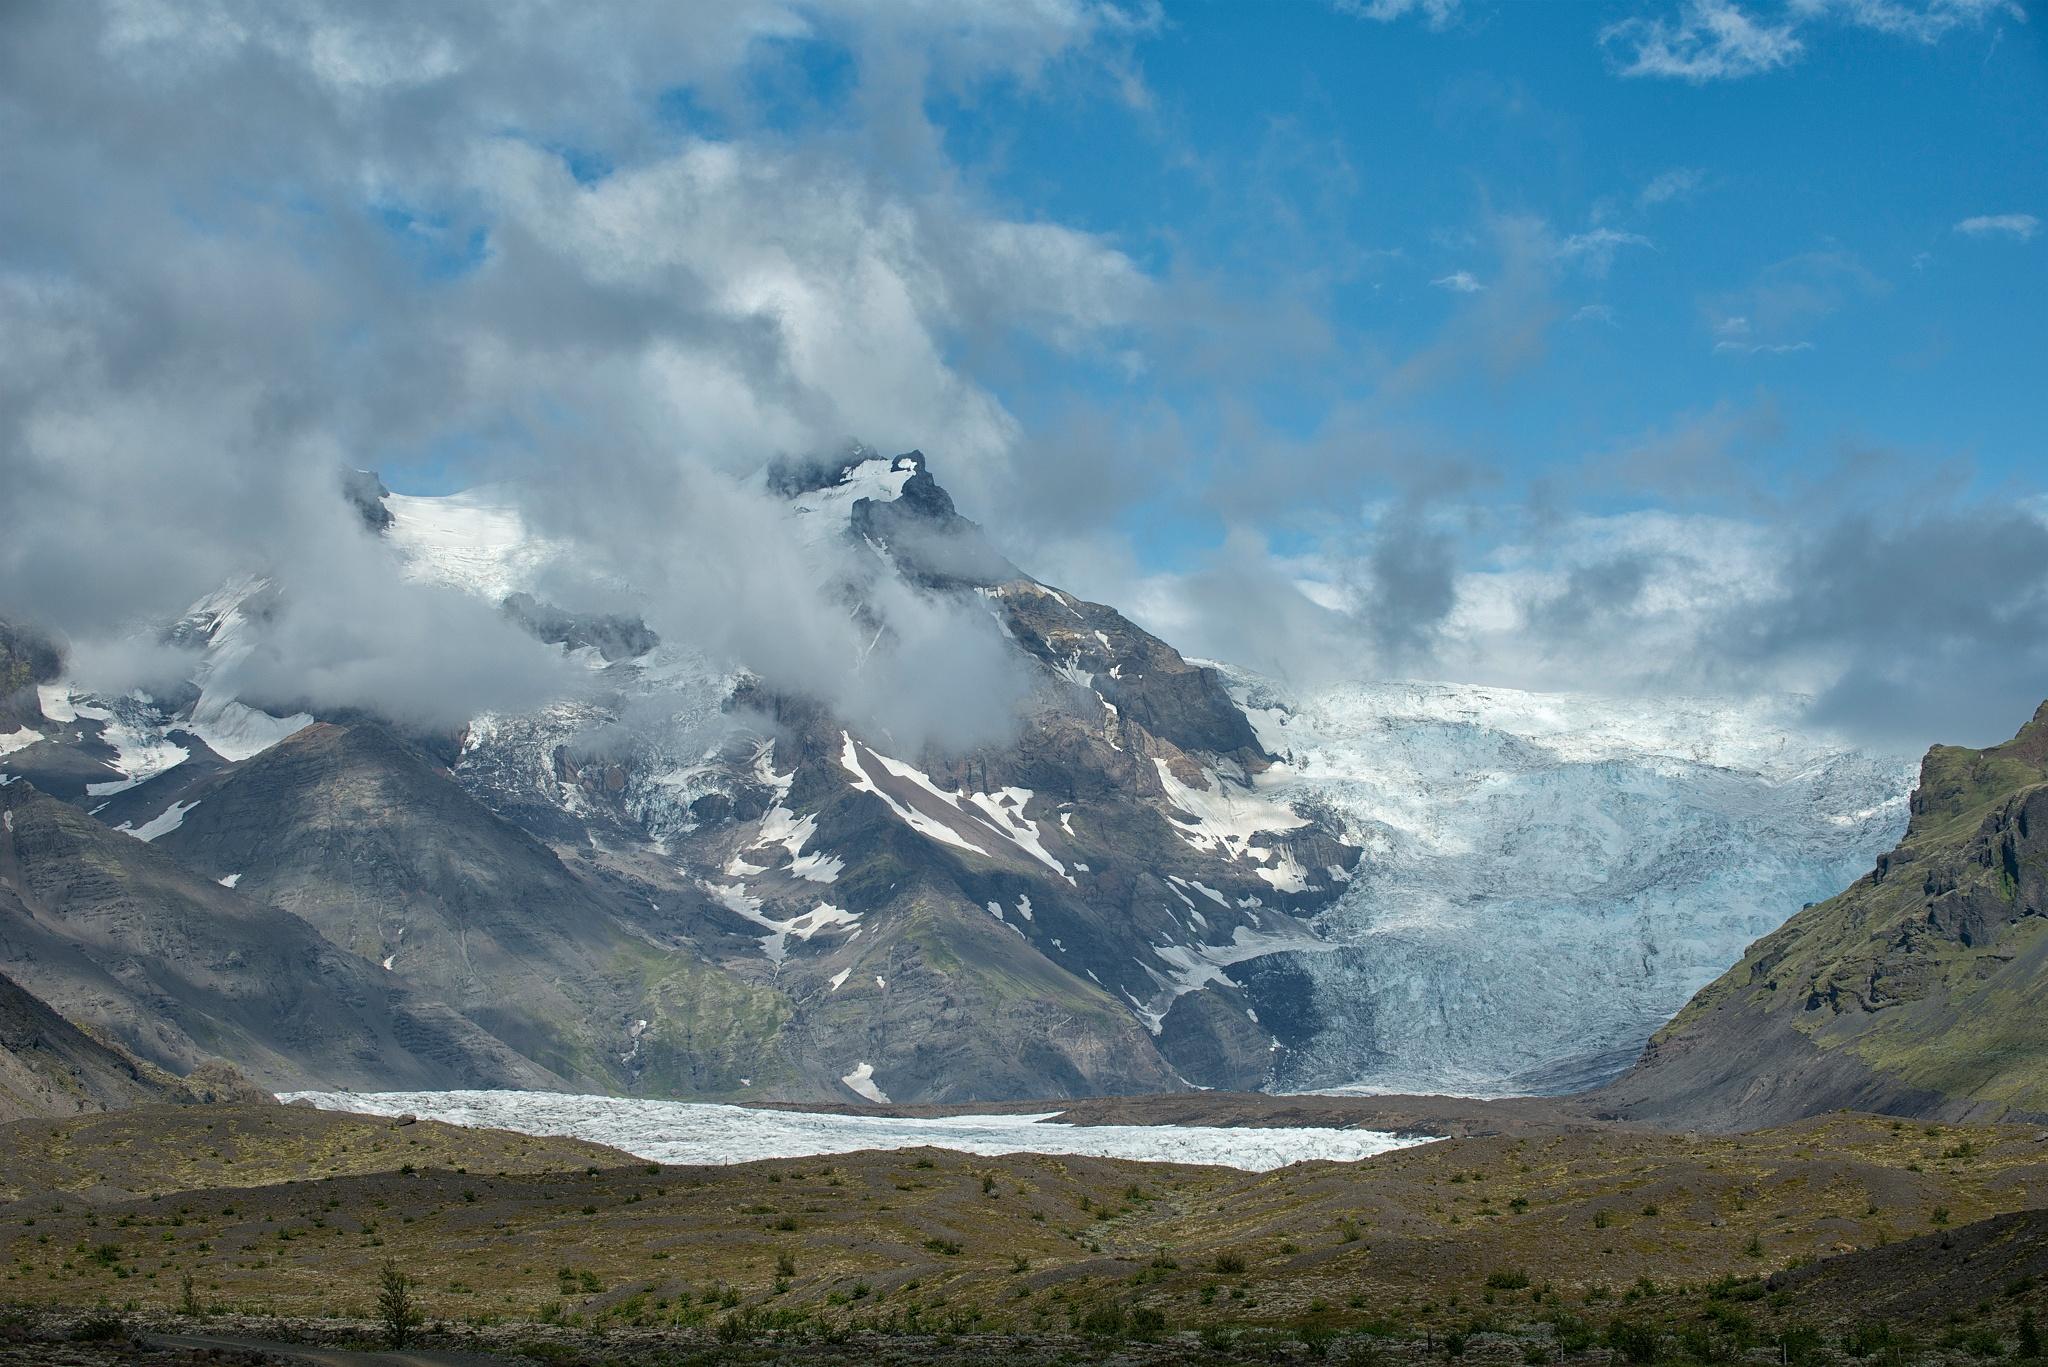 Glacier, Iceland. by desmcmahon5